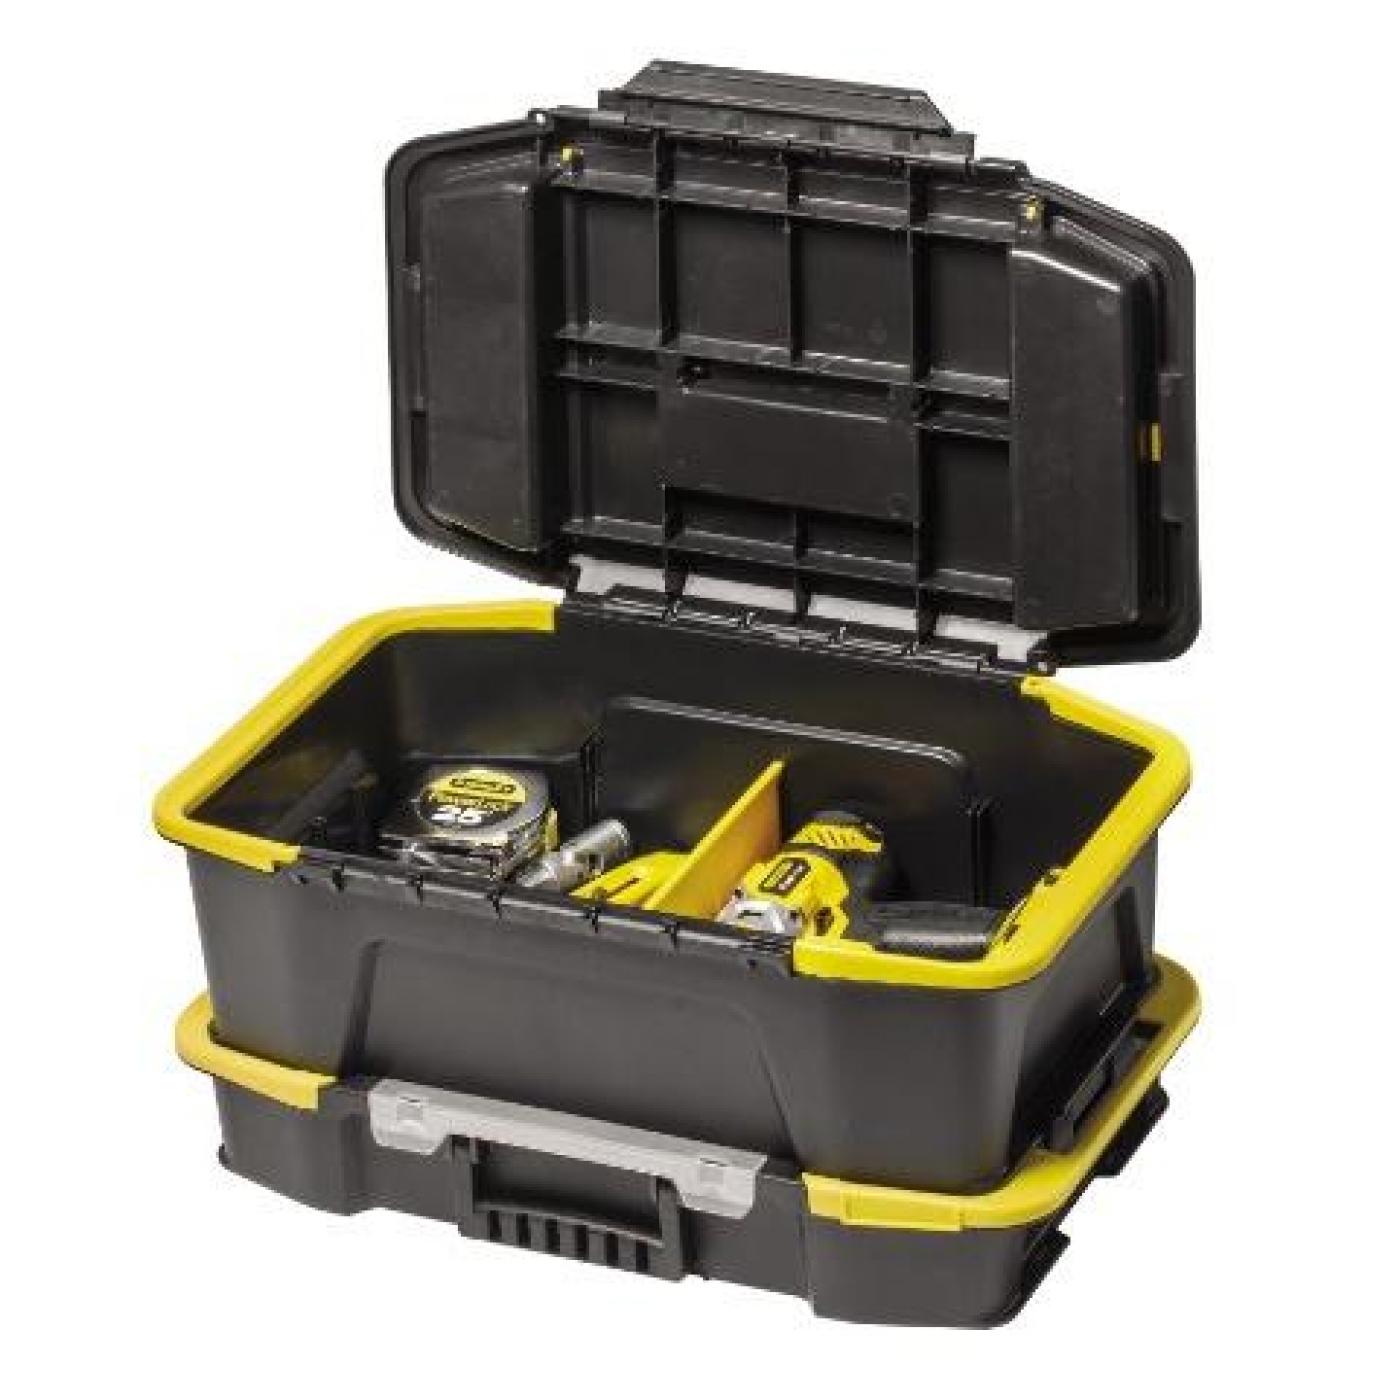 Caja de herramientas y organizador click connect stanley - Caja con herramientas ...